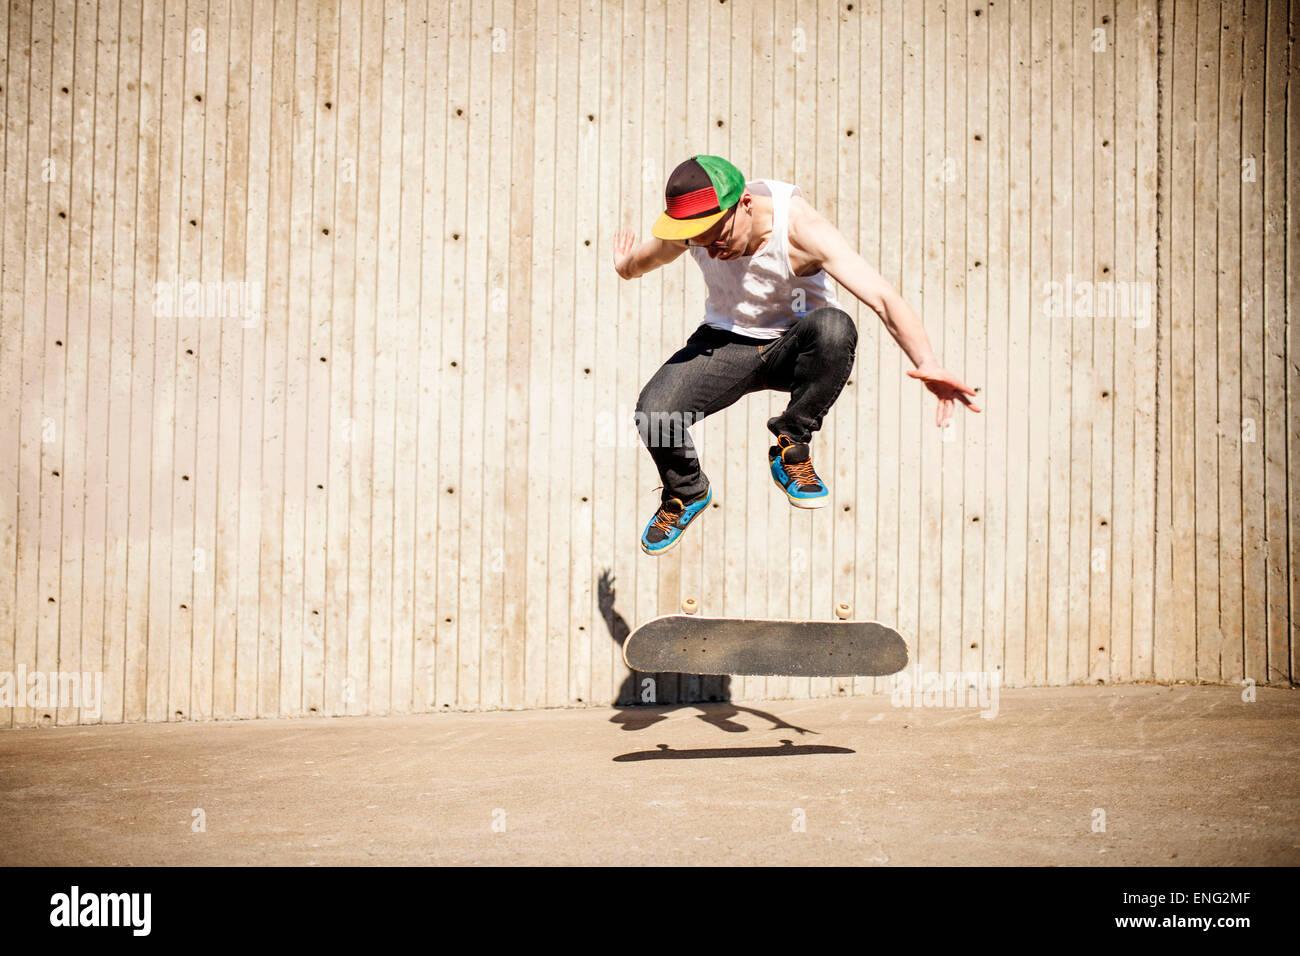 Caucasian man faisant skate trick près de mur en bois Photo Stock